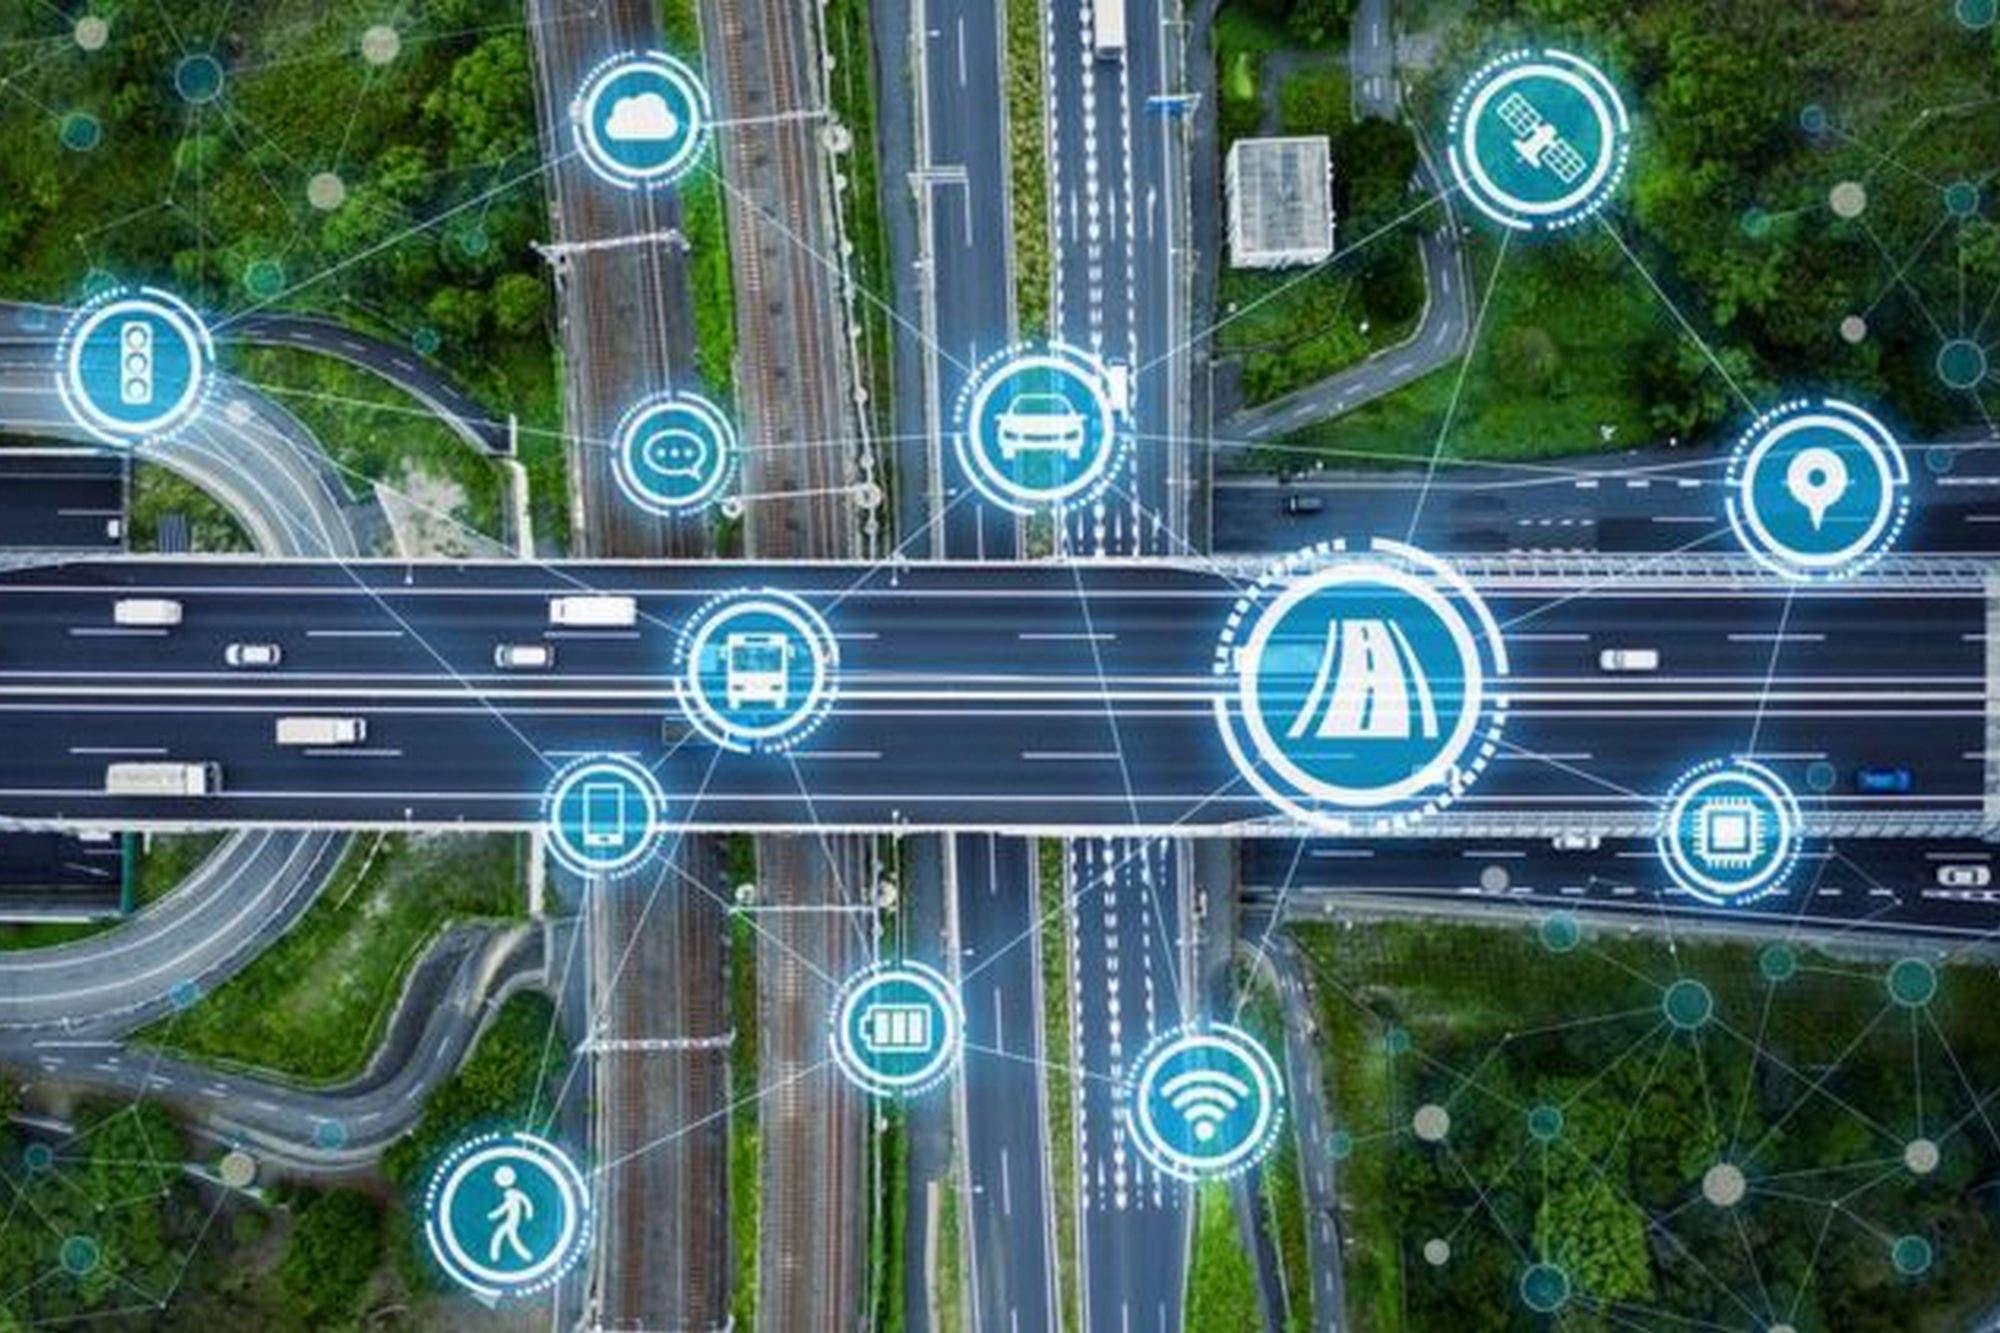 Cómo el GPS se volvió invaluable en sólo 3 décadas (y por qué el riesgo de una falla es tan estremecedor)